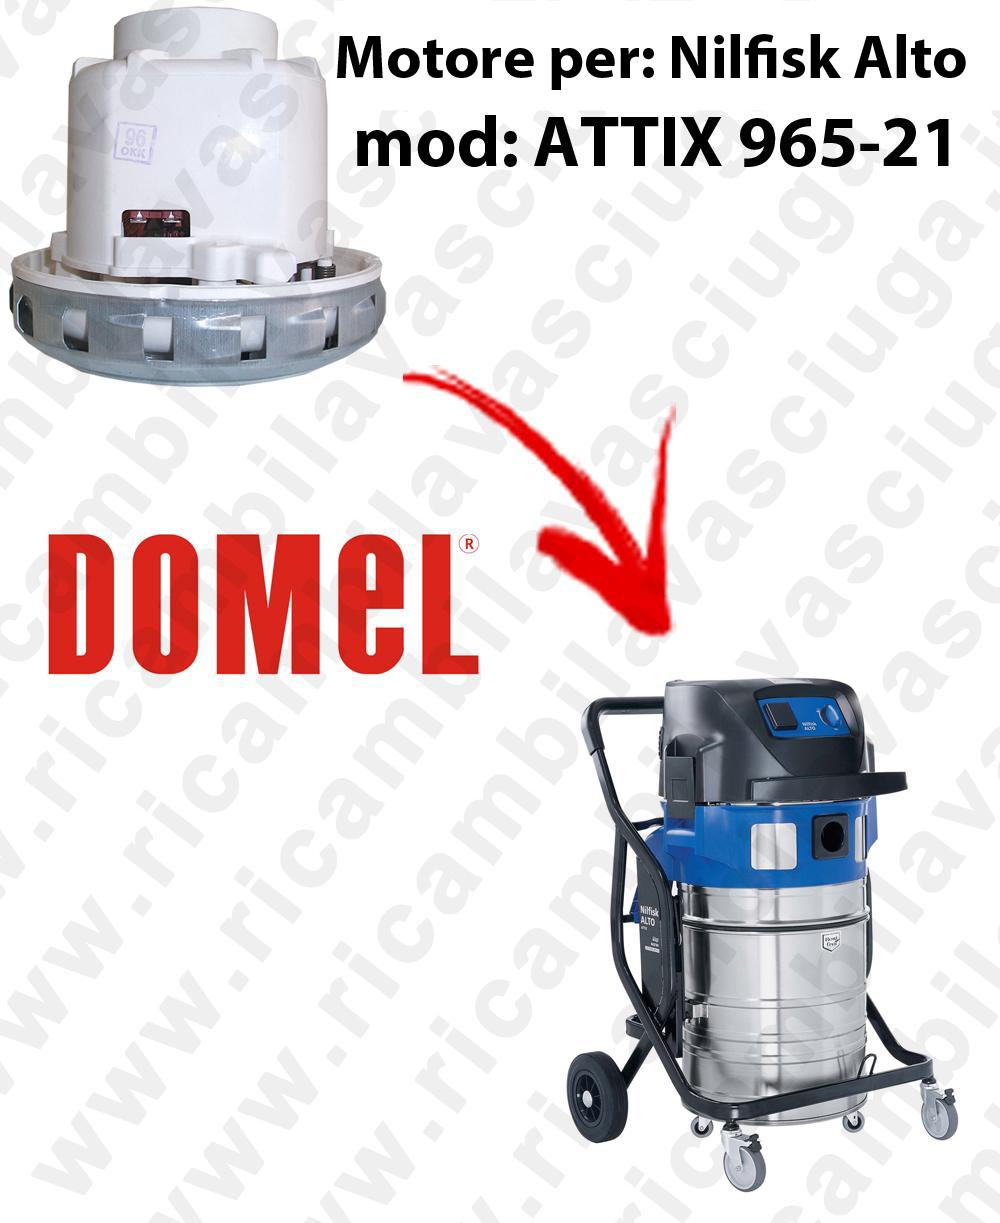 MOTEUR ASPIRATION DOMEL  pour ATTIX 965-21 aspirateur NILFISK ALTO